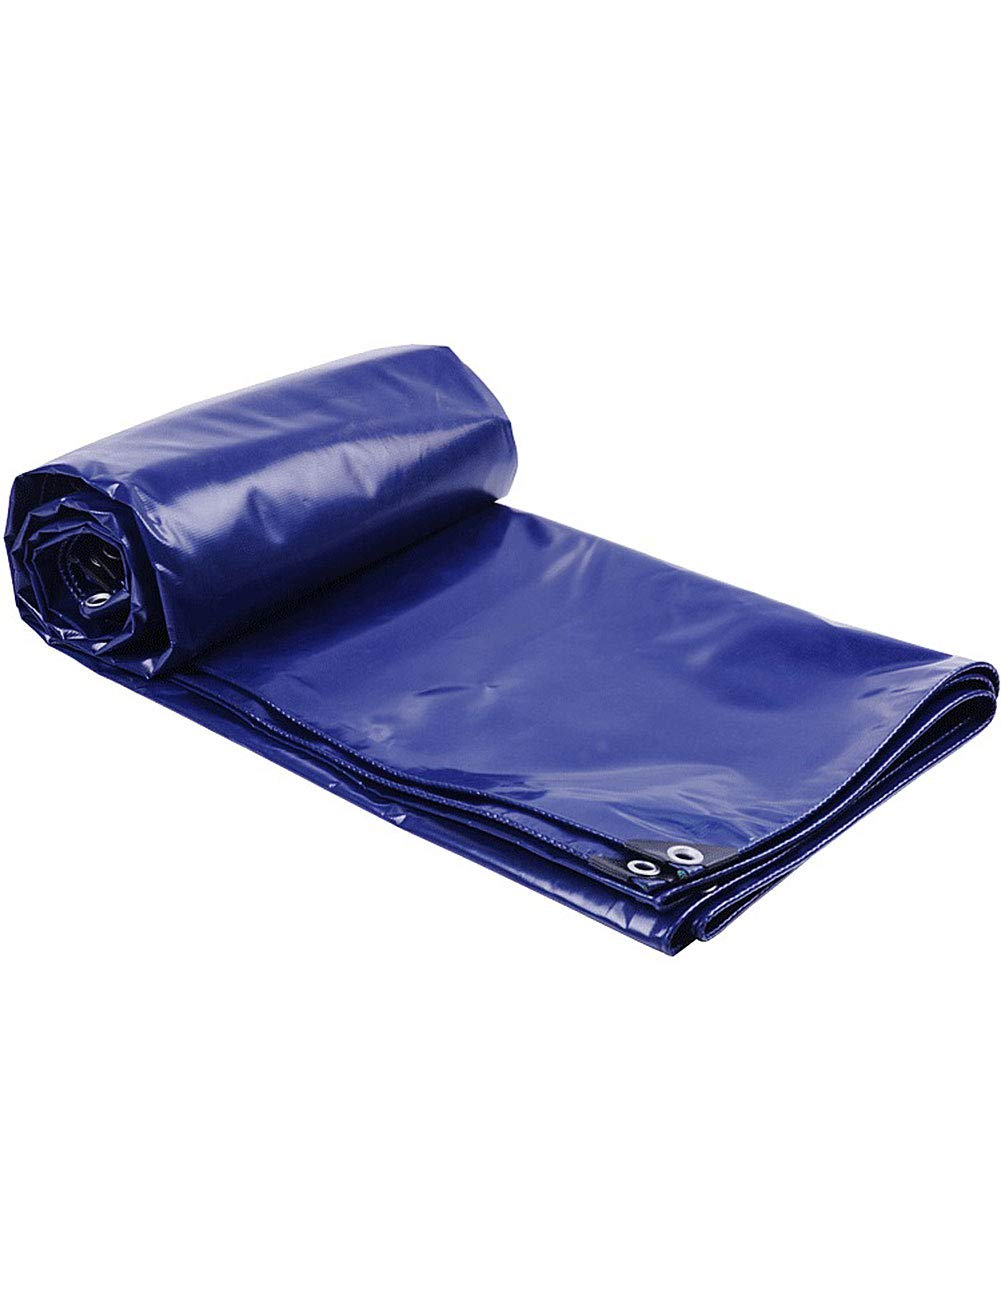 DLewiee BÂche imperméable portative légère pour Toutes Les activités de Plein air Tente de Camping 16 × 20 recouverte d'œillets renforcés Bleu foncé  6m5m